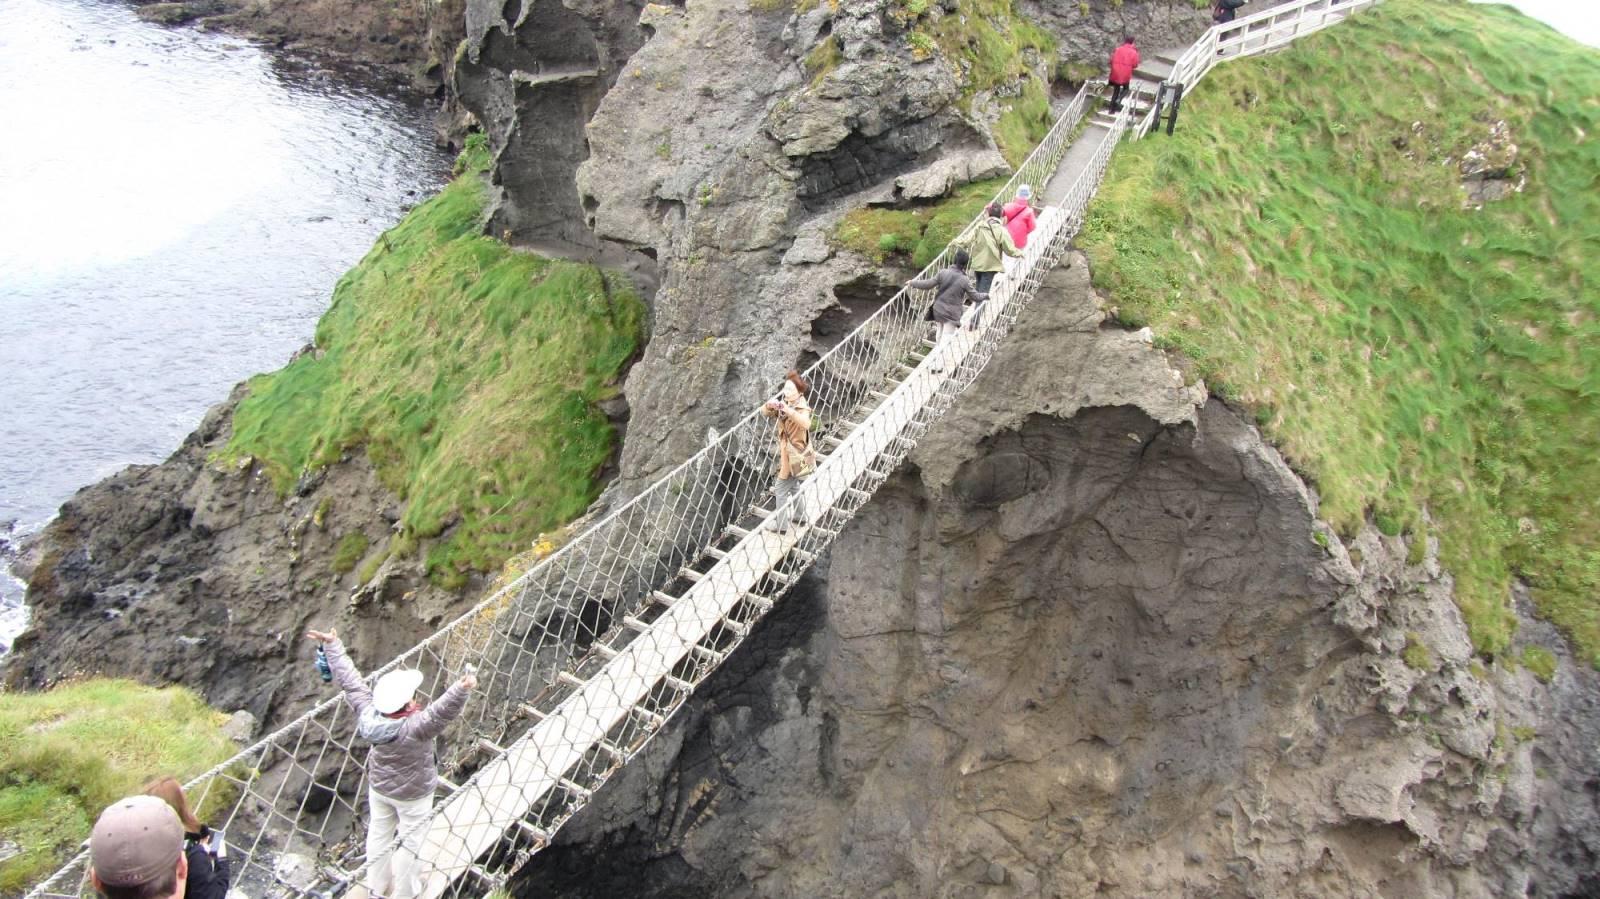 Carrick-a-Rede Rope Bridge, Antrim, Le tourisme en Irlande : quelques statistiques